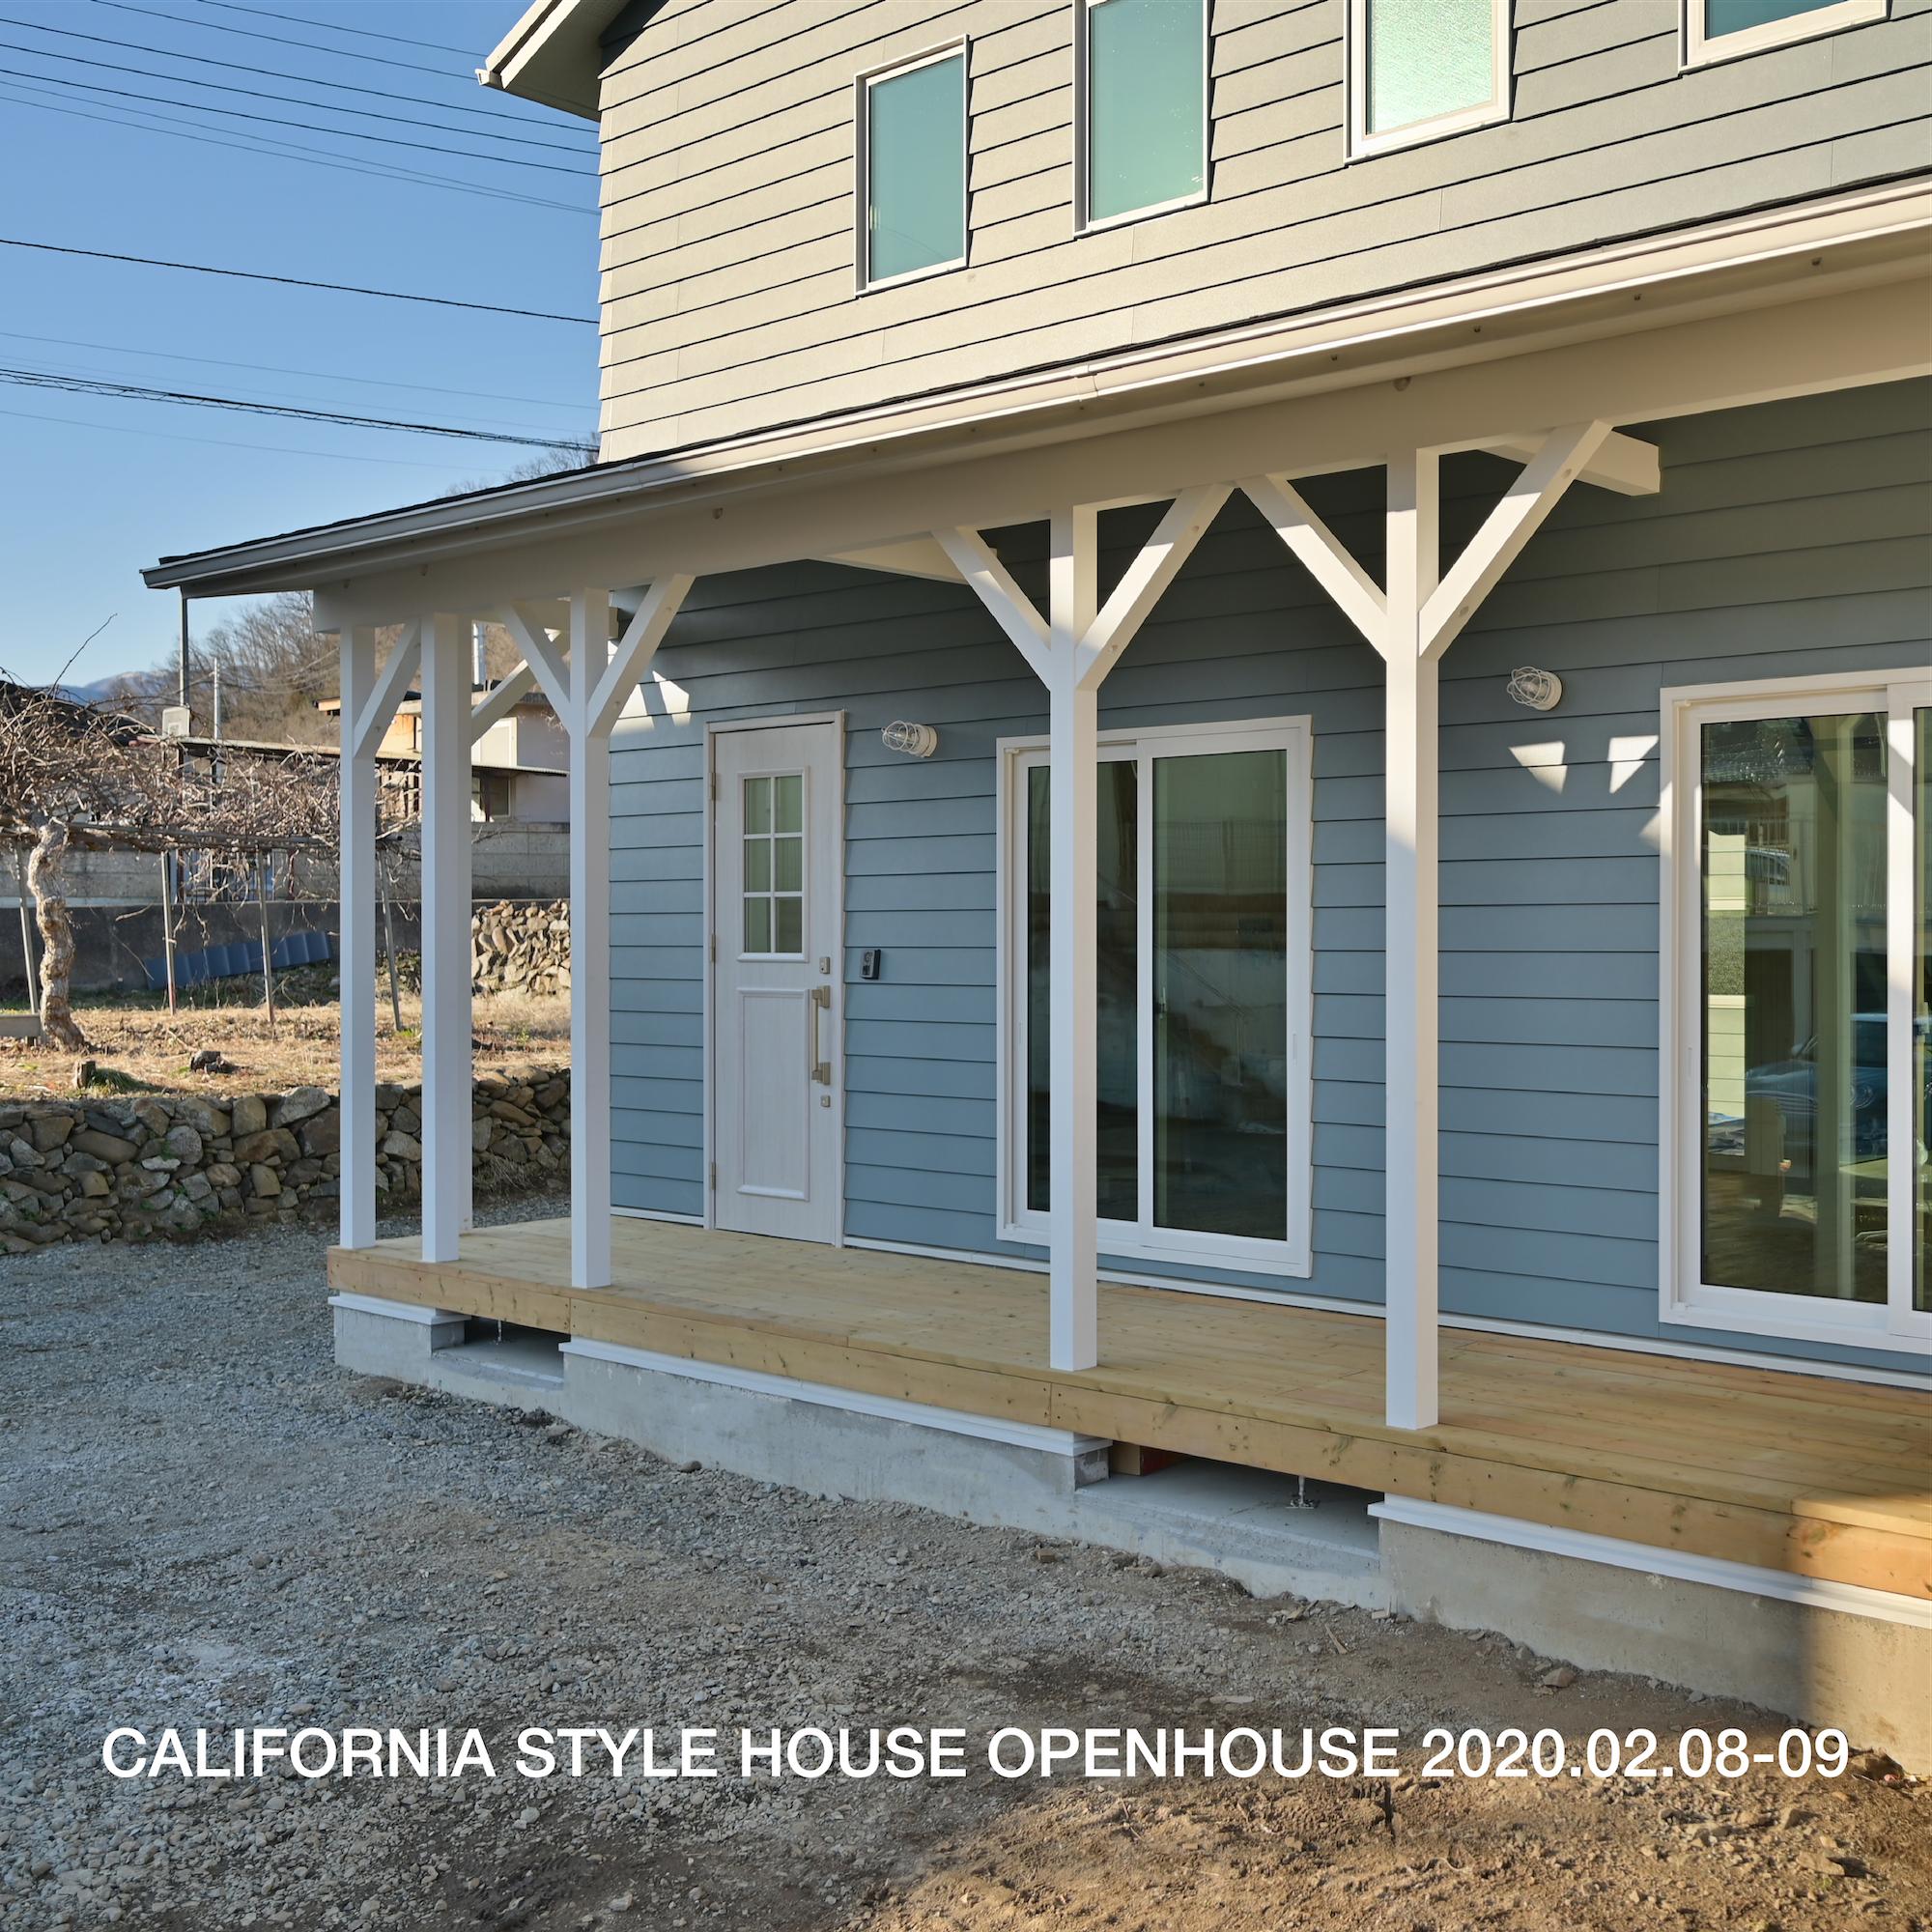 海をイメージさせてくれるおしゃれな家 カリフォルニアスタイルハウス